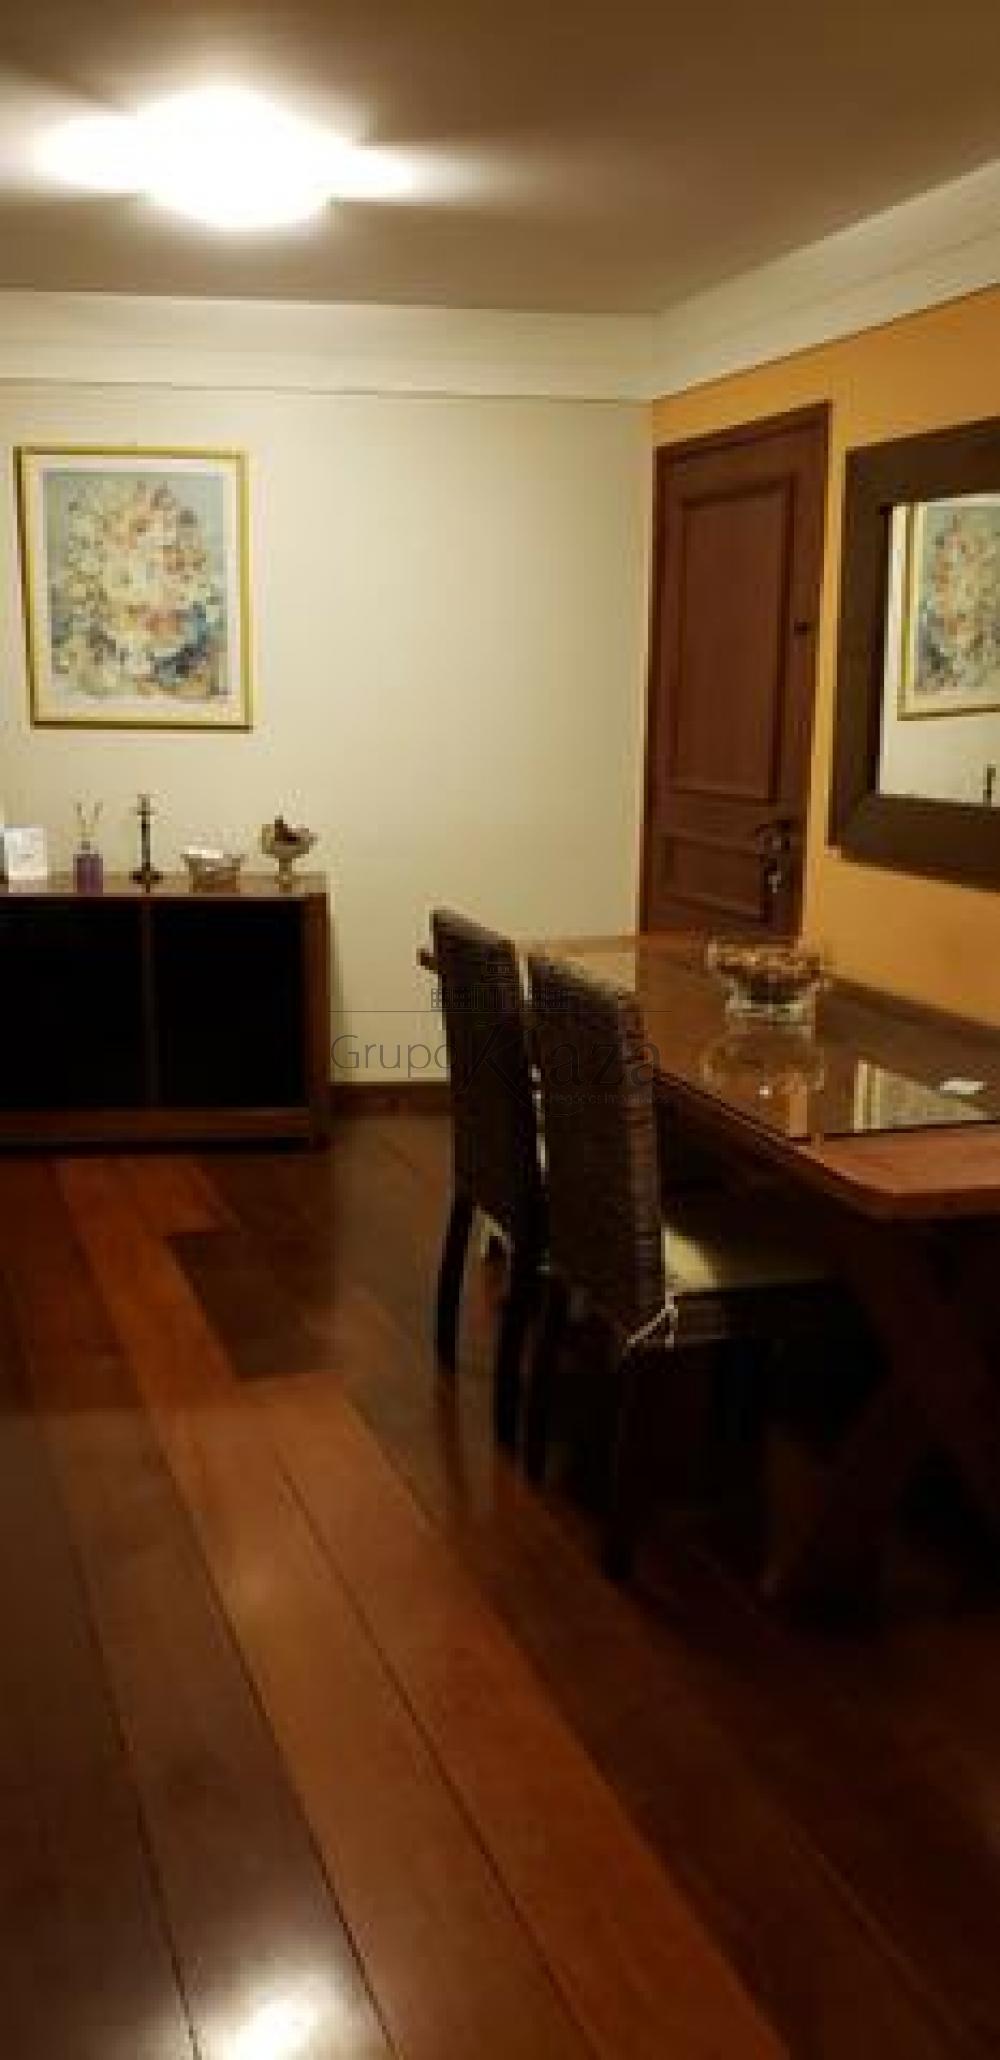 alt='Comprar Apartamento / Padrão em São José dos Campos R$ 530.000,00 - Foto 15' title='Comprar Apartamento / Padrão em São José dos Campos R$ 530.000,00 - Foto 15'